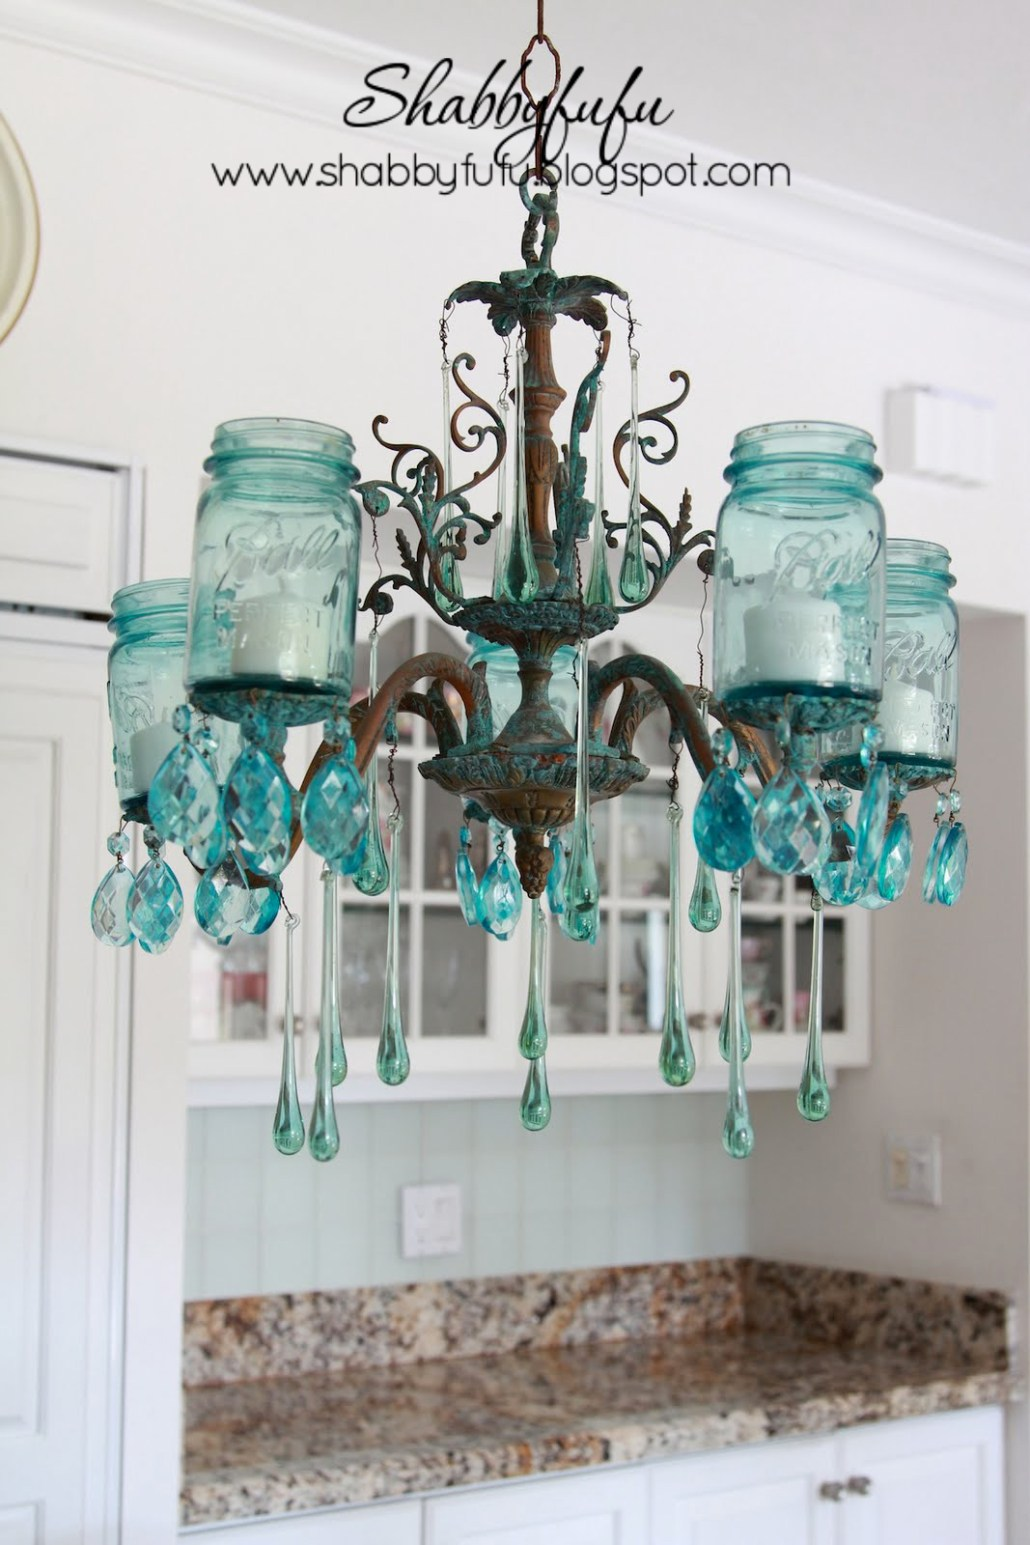 Creative Ways to Light up Mason Jars upcycledtreasures.com